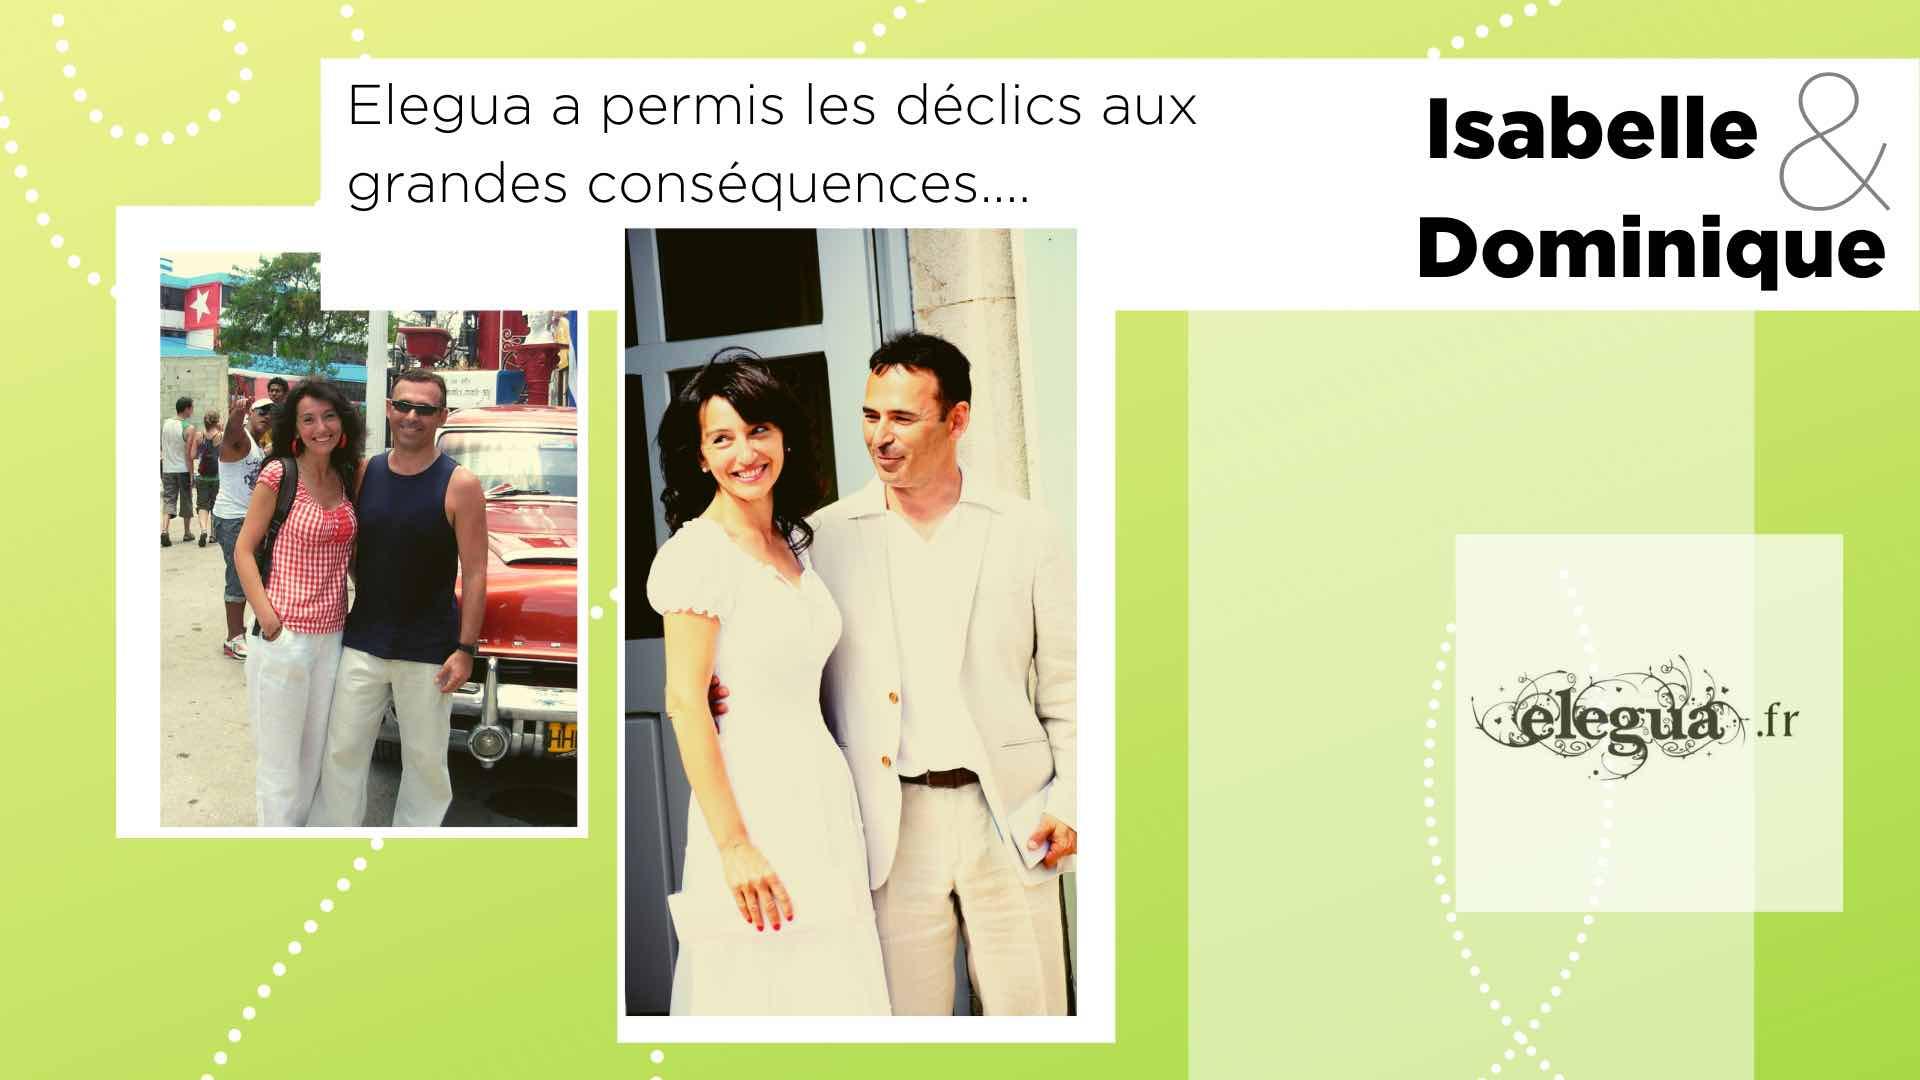 Ils ont rencontré l'amour chez Elegua : Dominique et Isabelle. Pour la Saint-Valentin 8 couples nous partagent leur histoire...